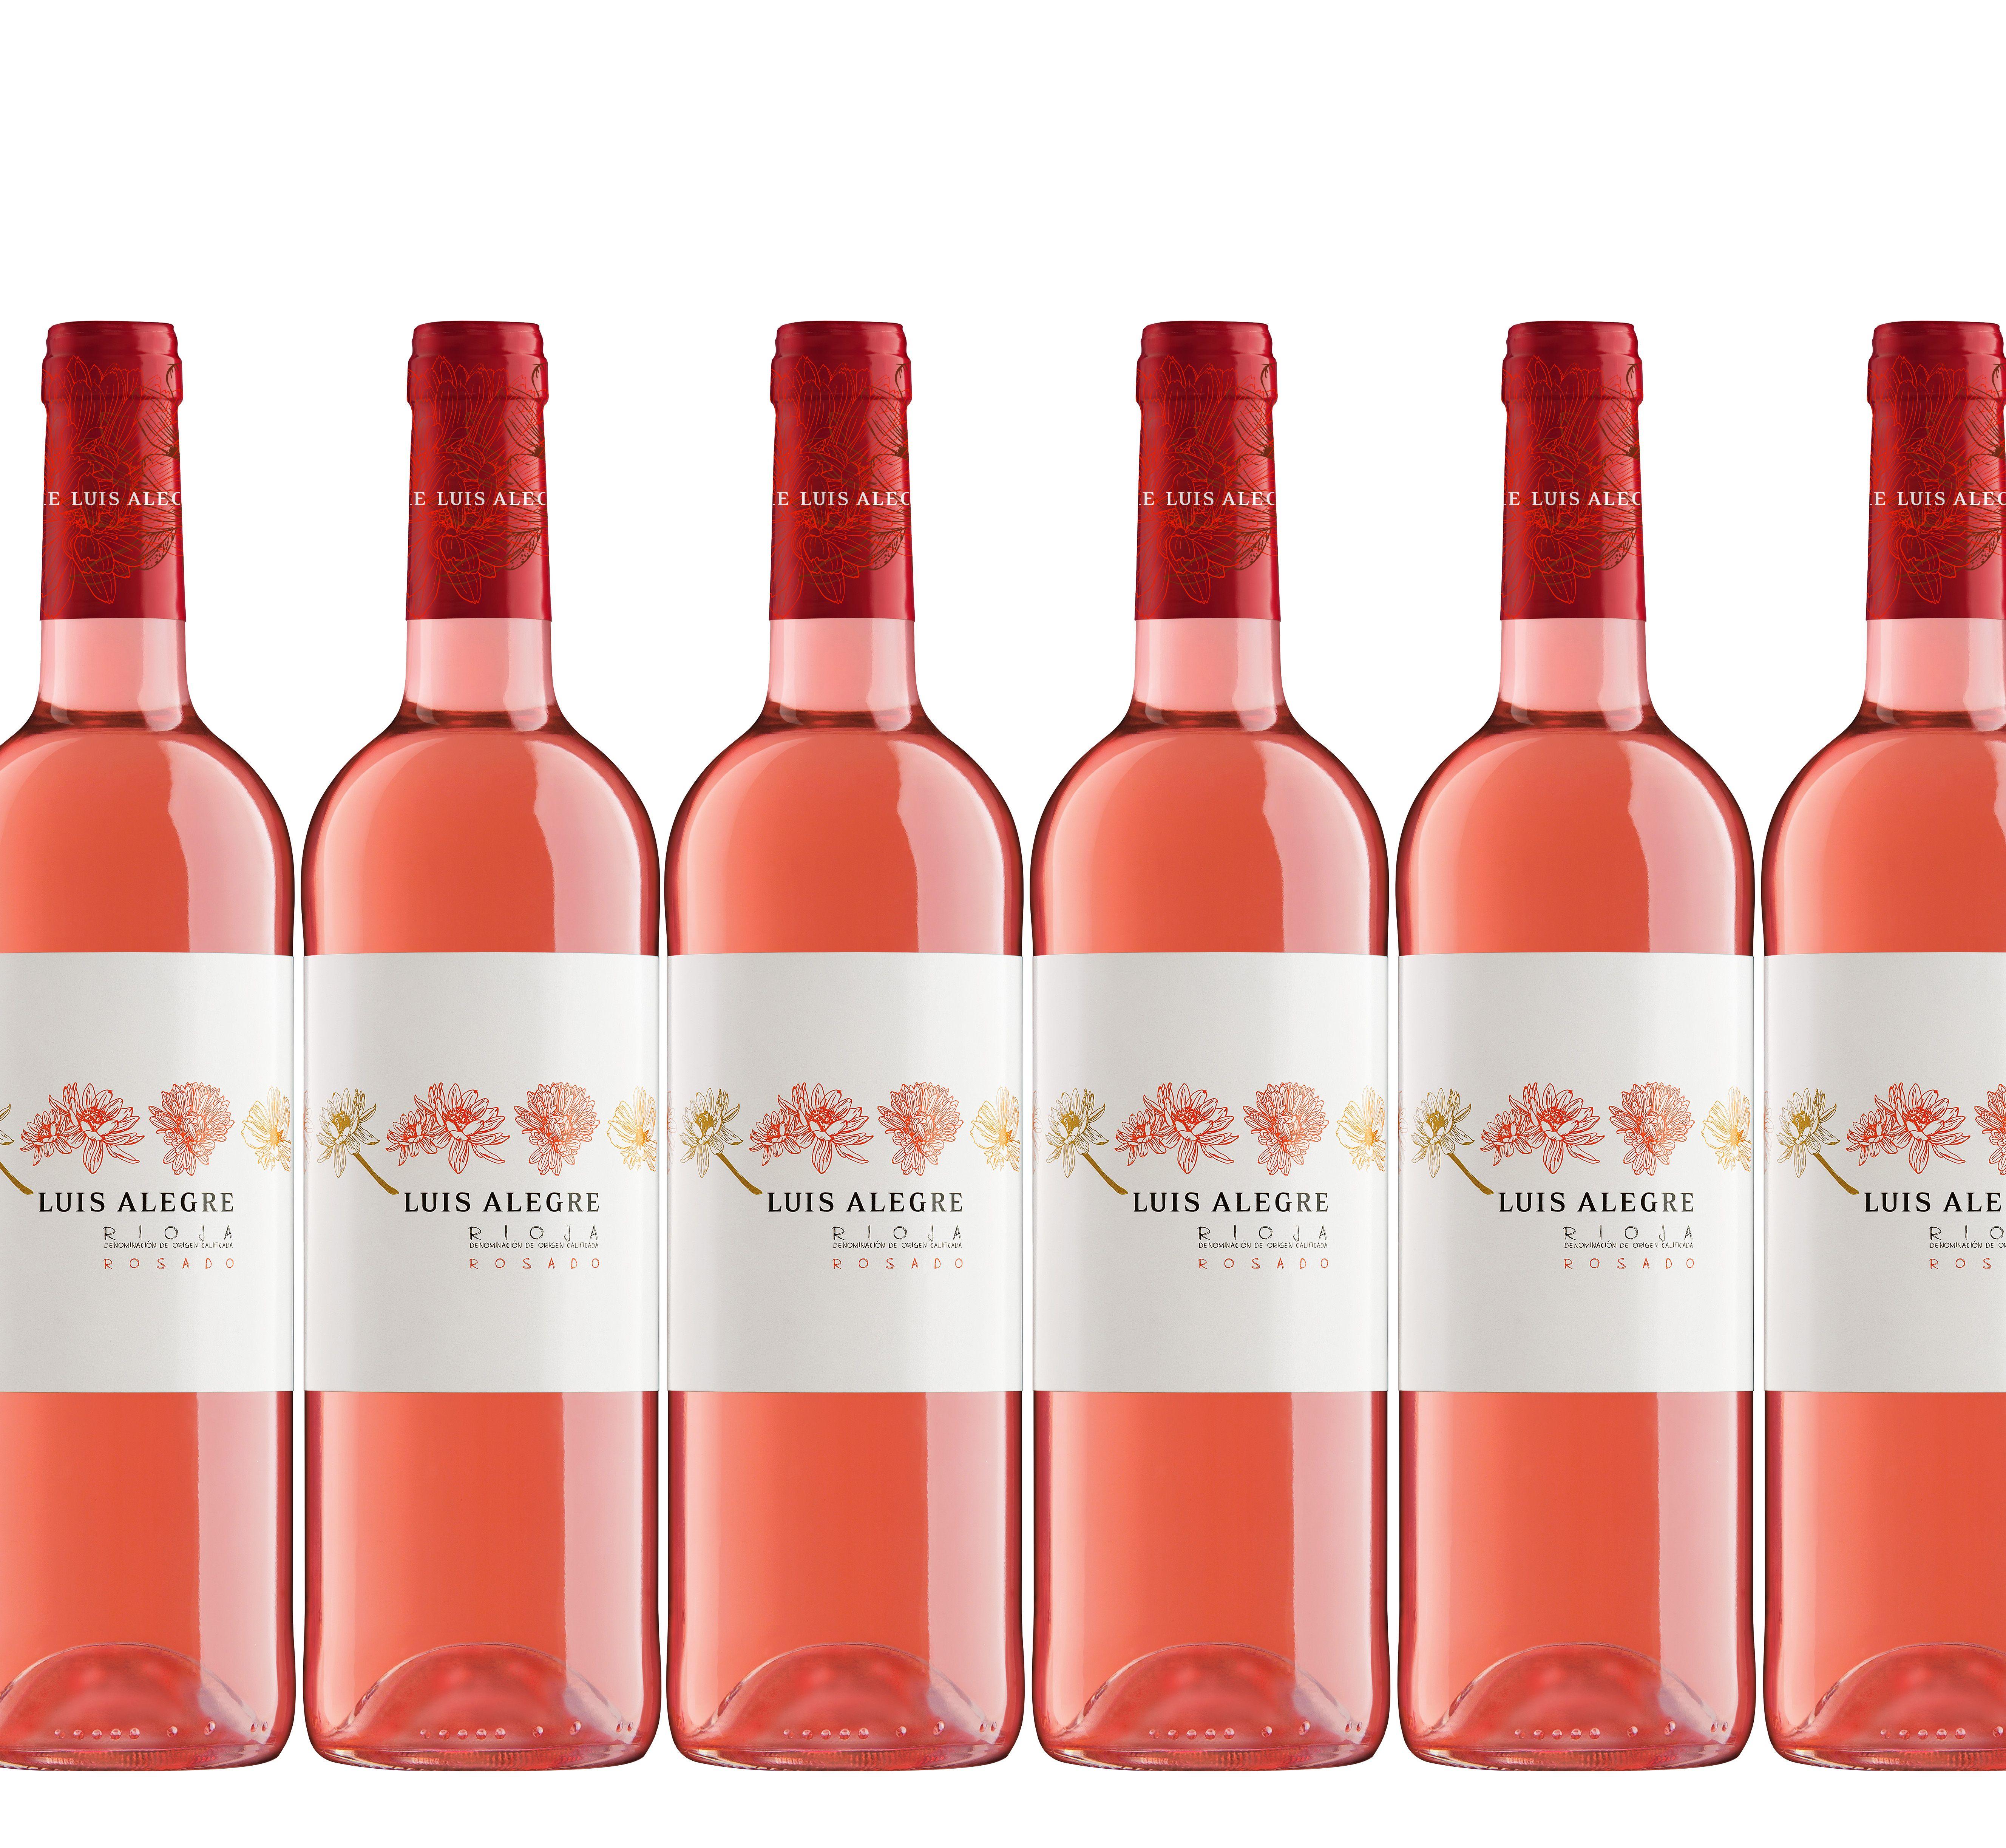 Y Tampoco Os Habiamos Presentado El Rosado Flores De Luis Alegre Vino Rosado Vinos Enologia